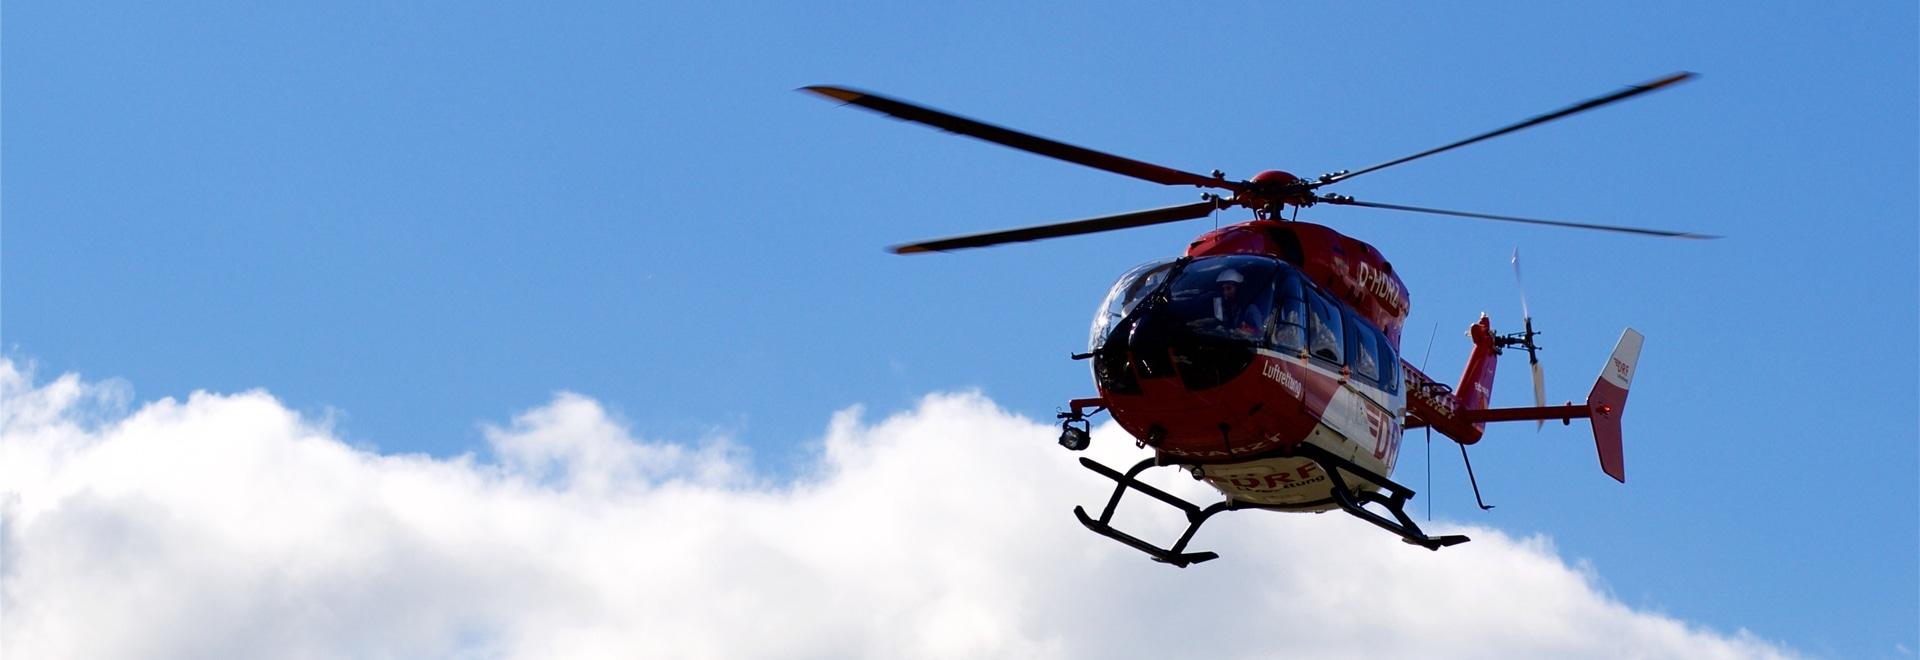 alkitronic Handkraftschrauber leisten bei Hubschrauberwartung nützliche Dienste